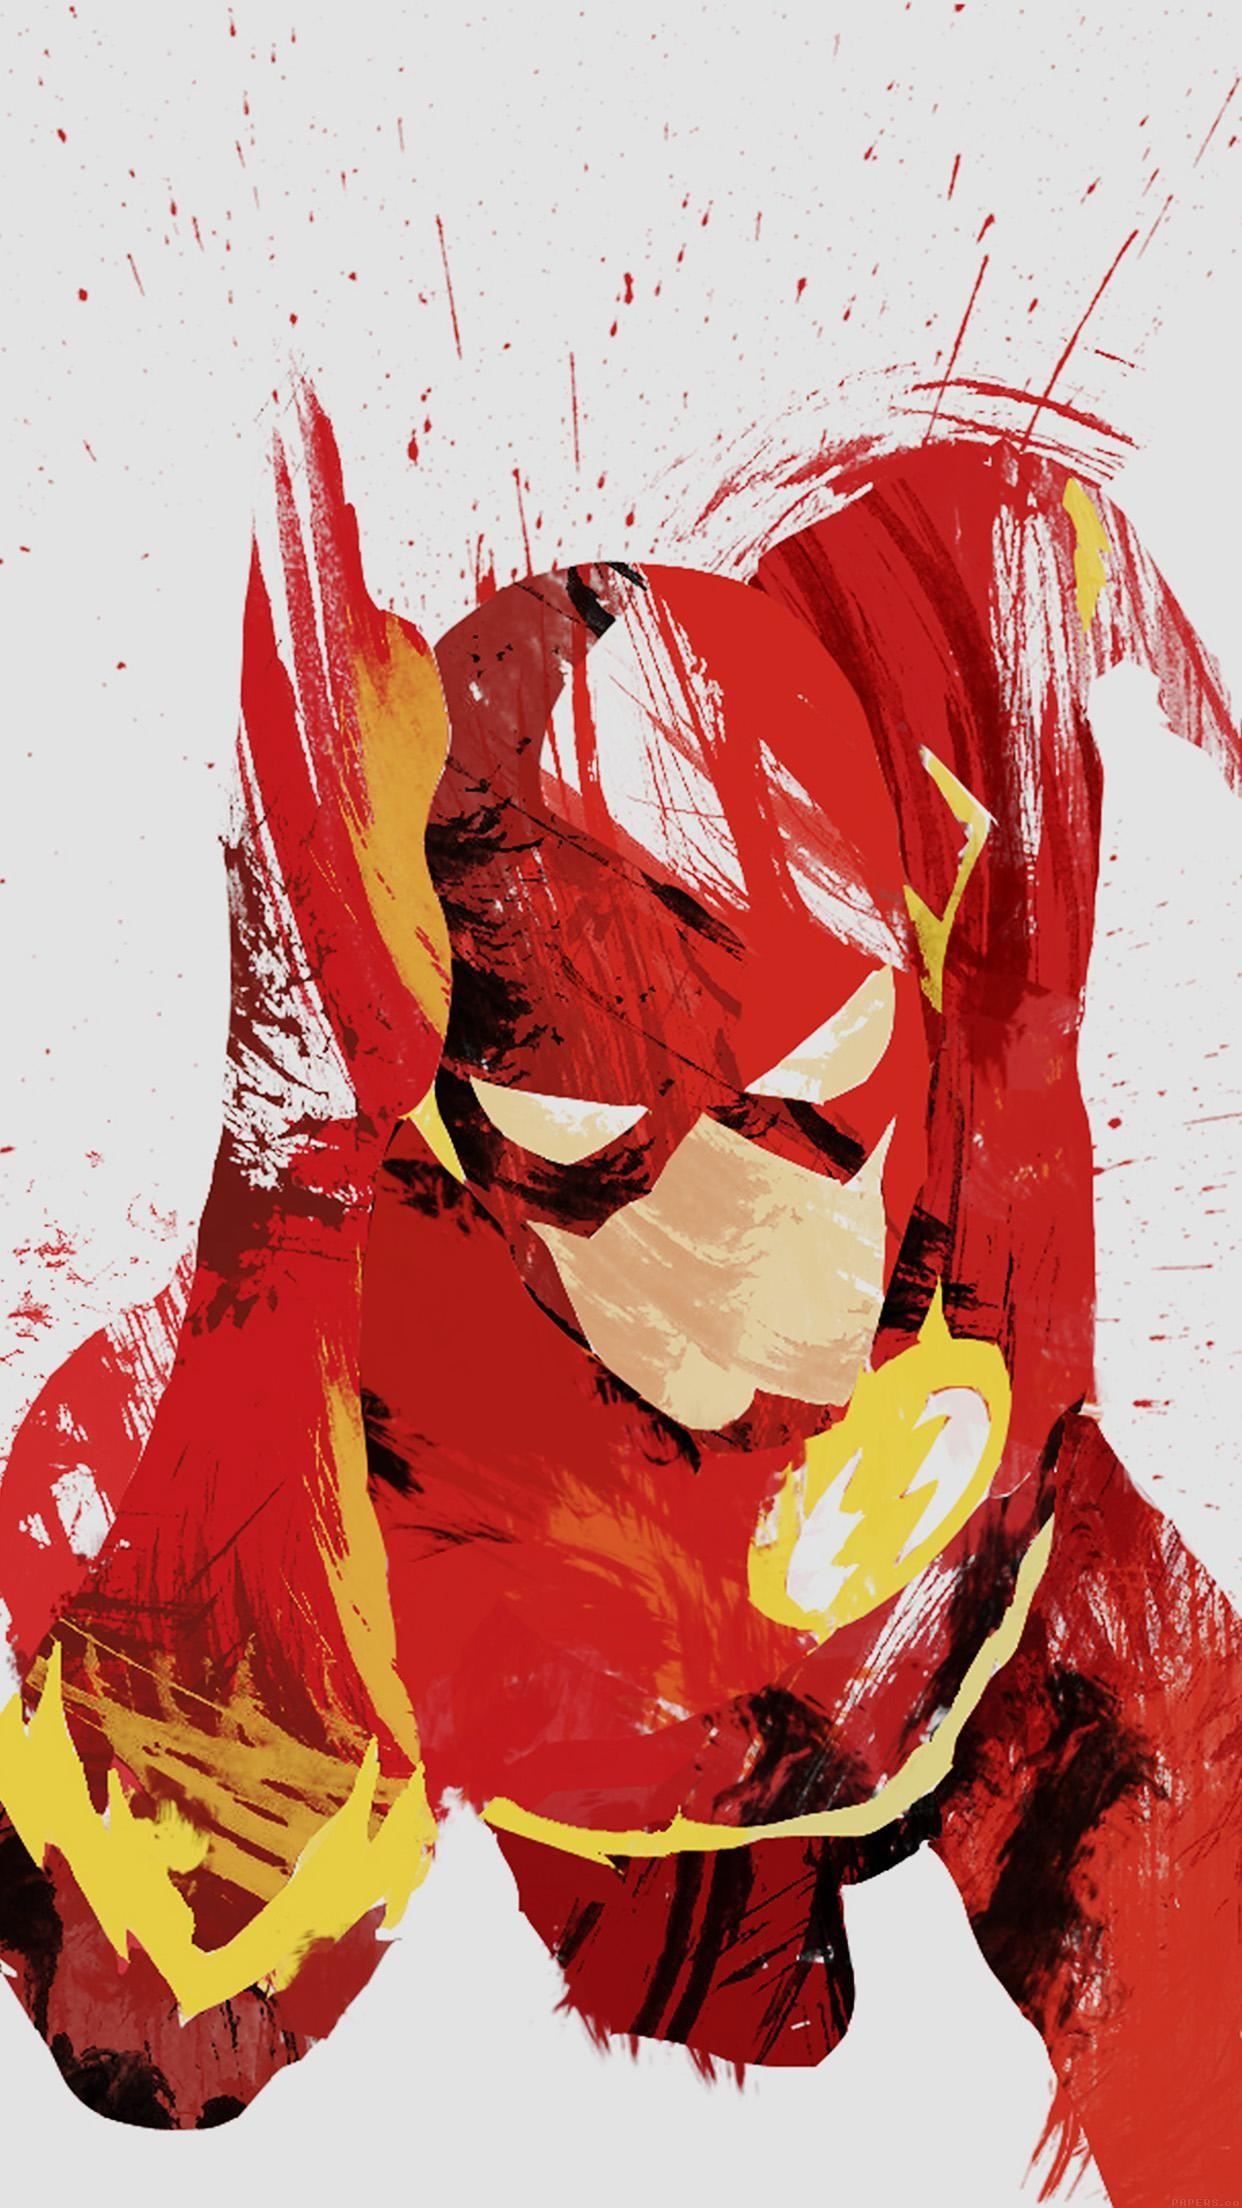 dc-comics-flash-3Wallpapers-iPhone-Parallax